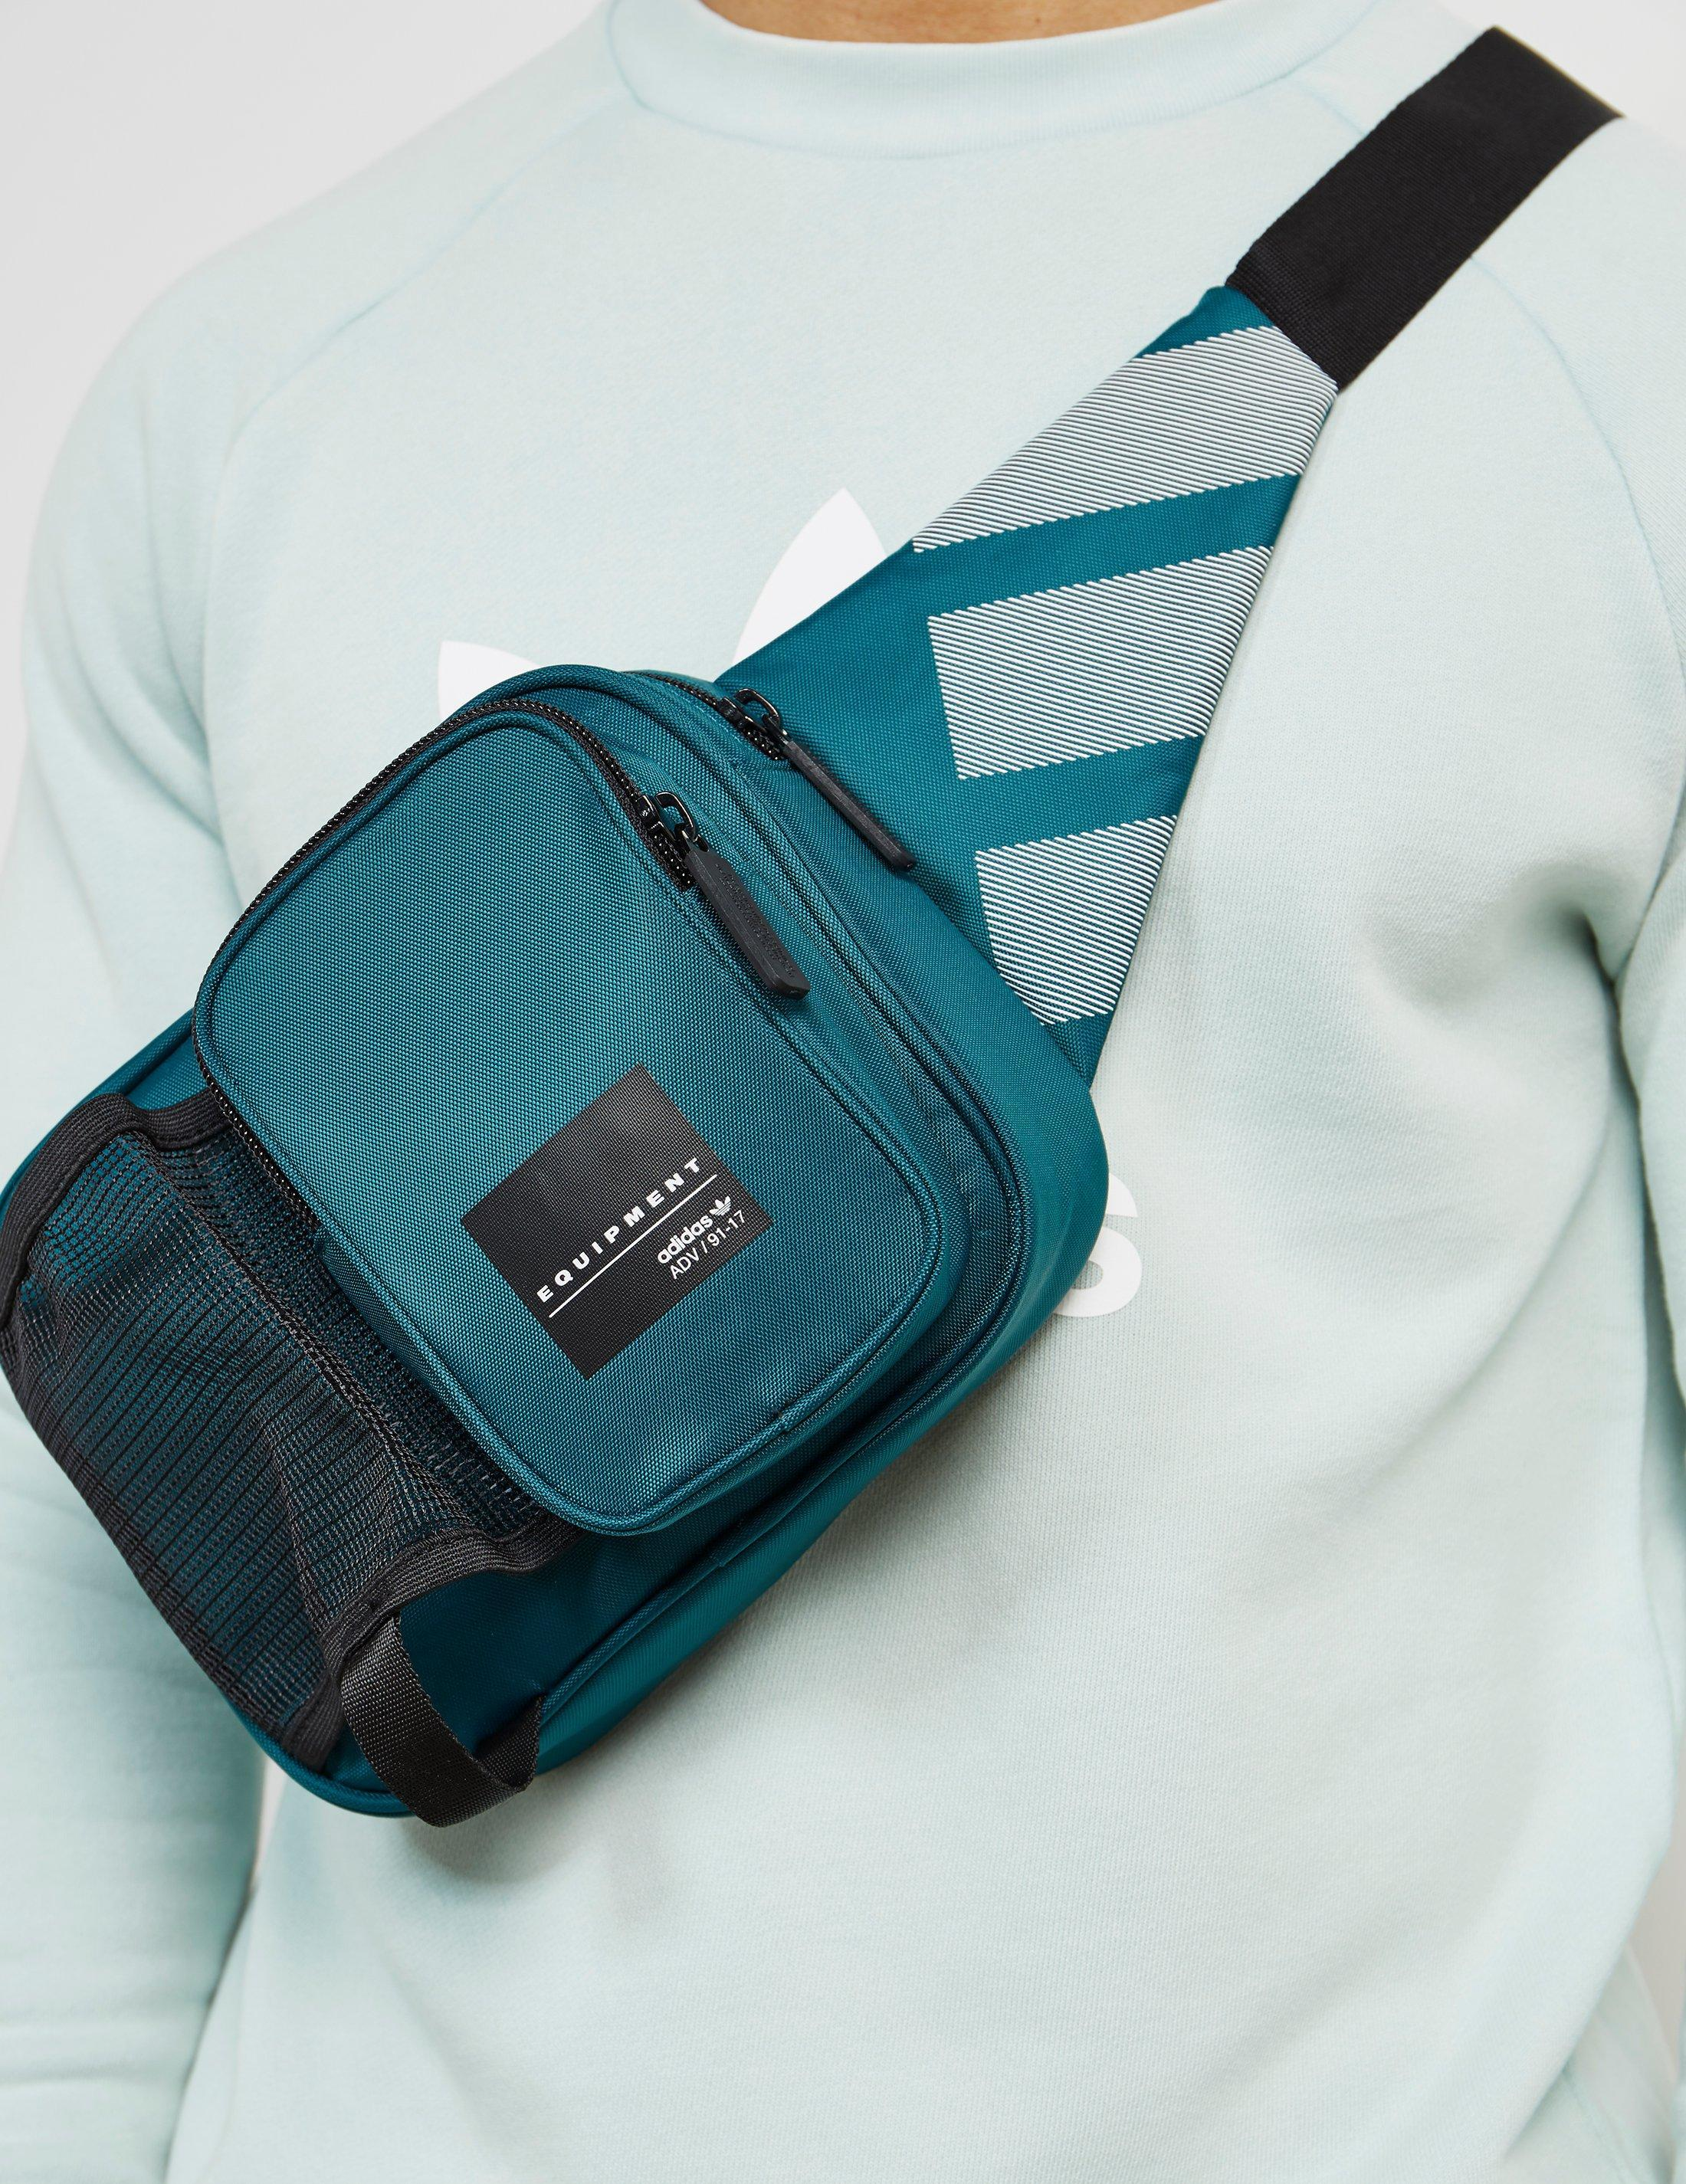 adidas Originals Mens Eqt Side Bag Green black in Green for Men - Lyst 3e32c24fc6e